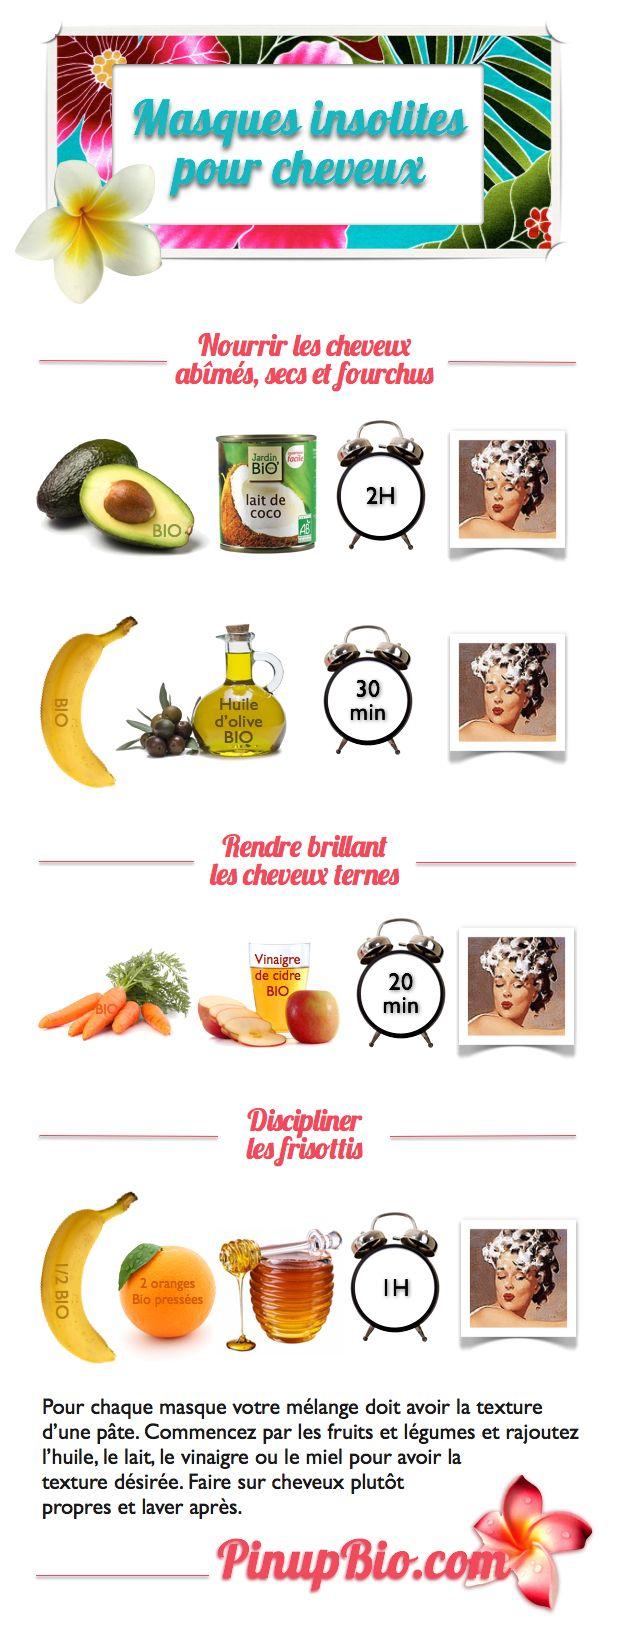 Test produits Biocoiff' et masques insolites Défi cheveux #4 | Pin-up Bio